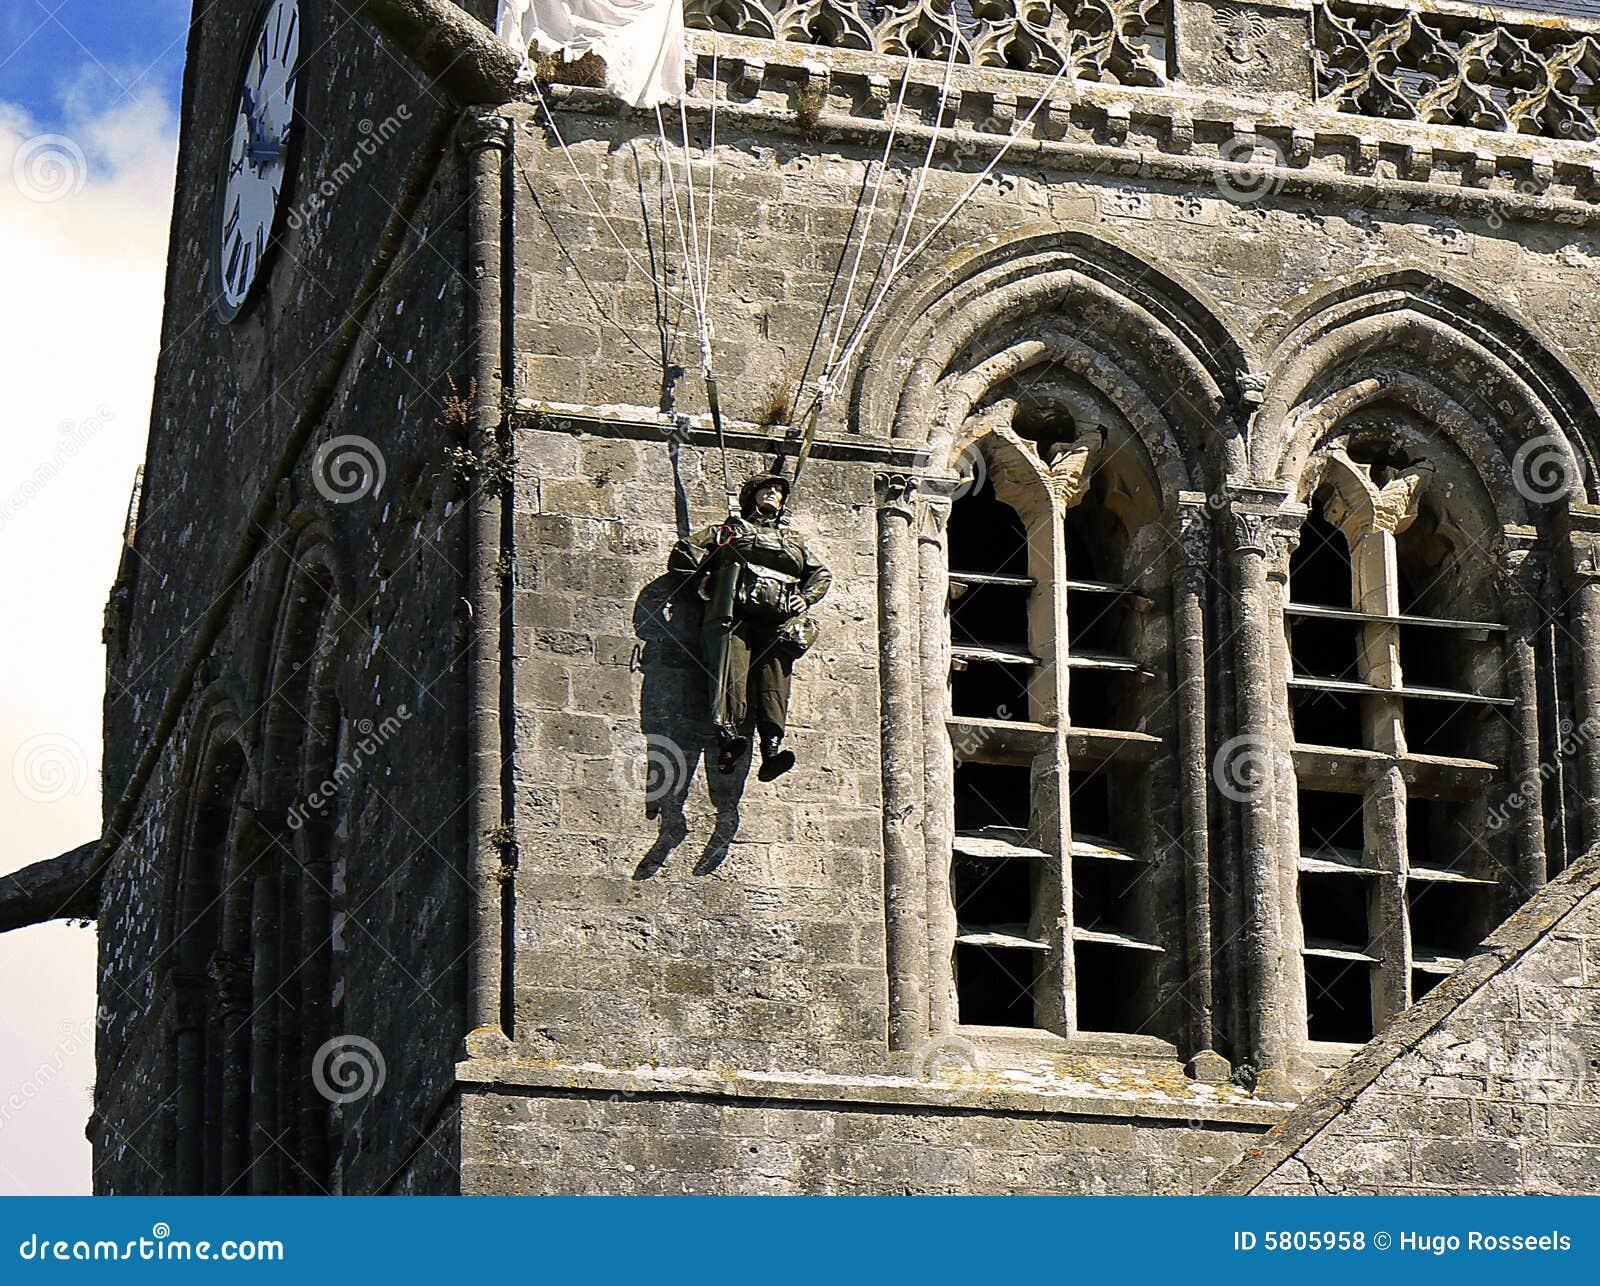 Parachutiste dans la tour de cloche, Normandie